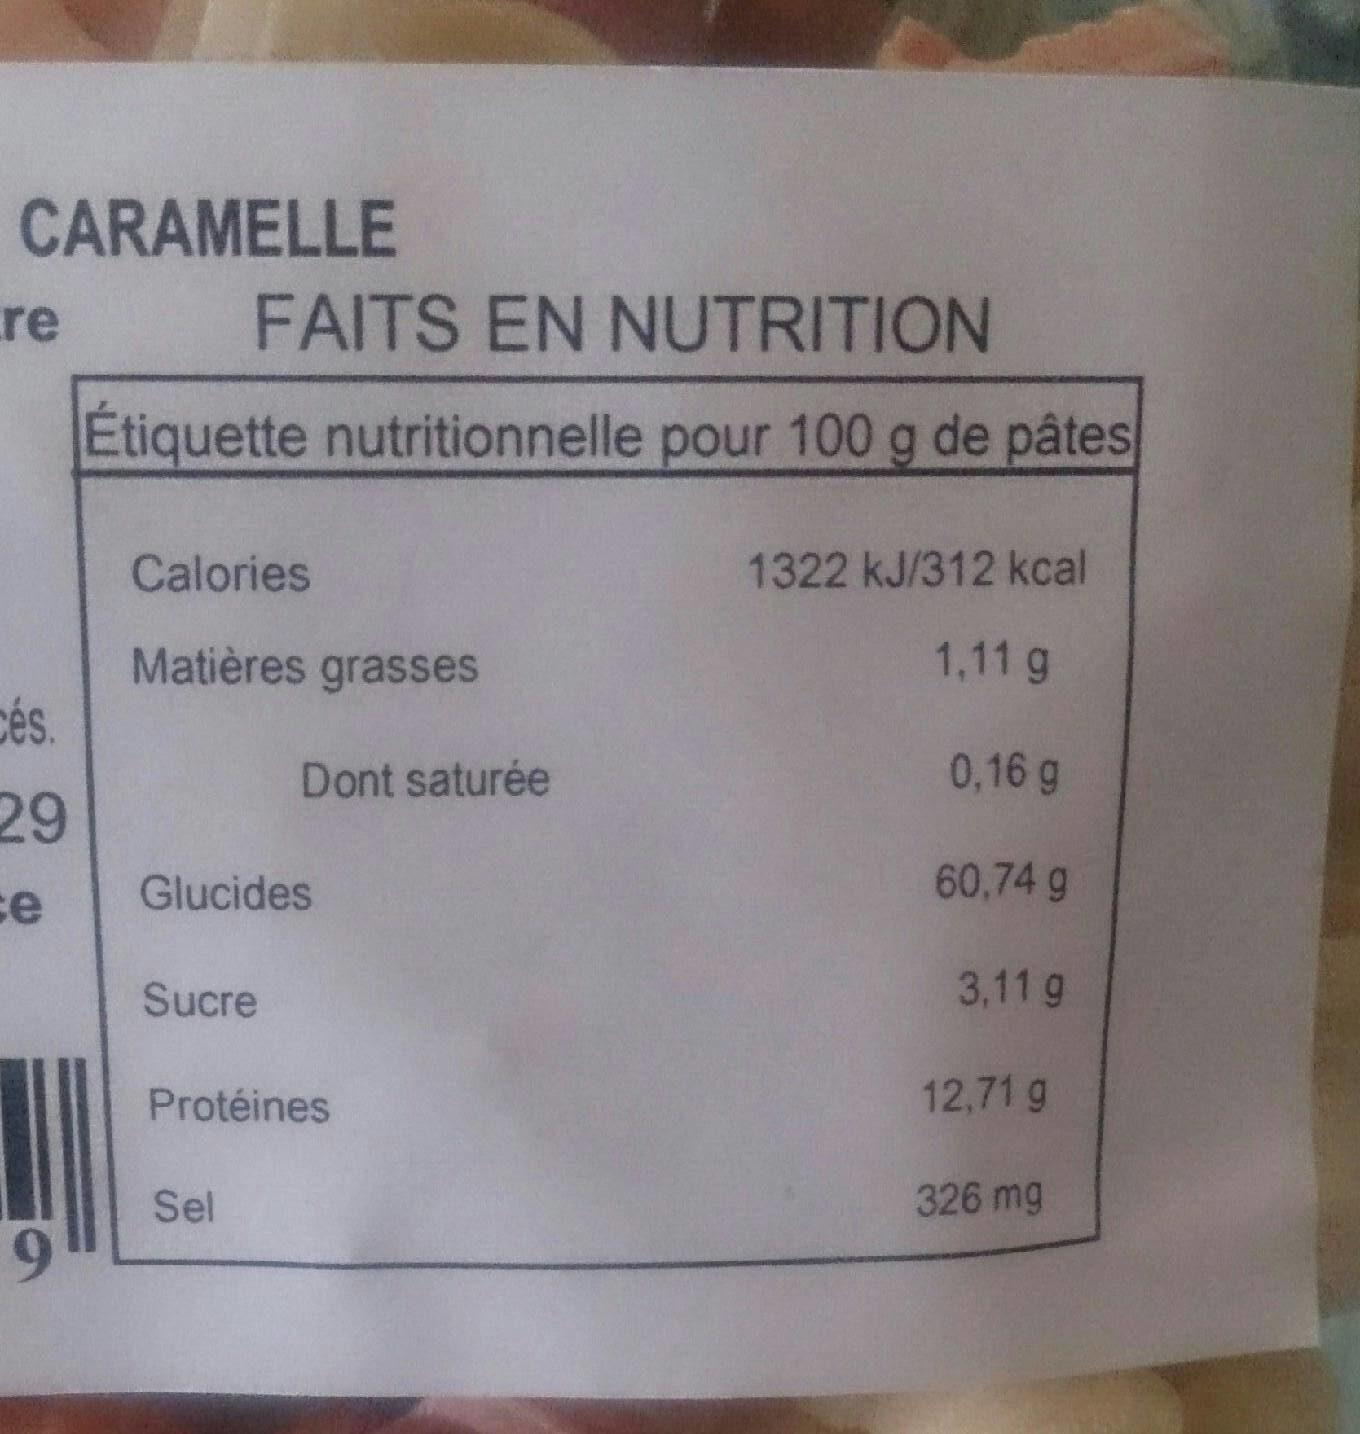 Pietro Castelli Pates 5 Couleurs Caramelle 250 G - Voedingswaarden - fr